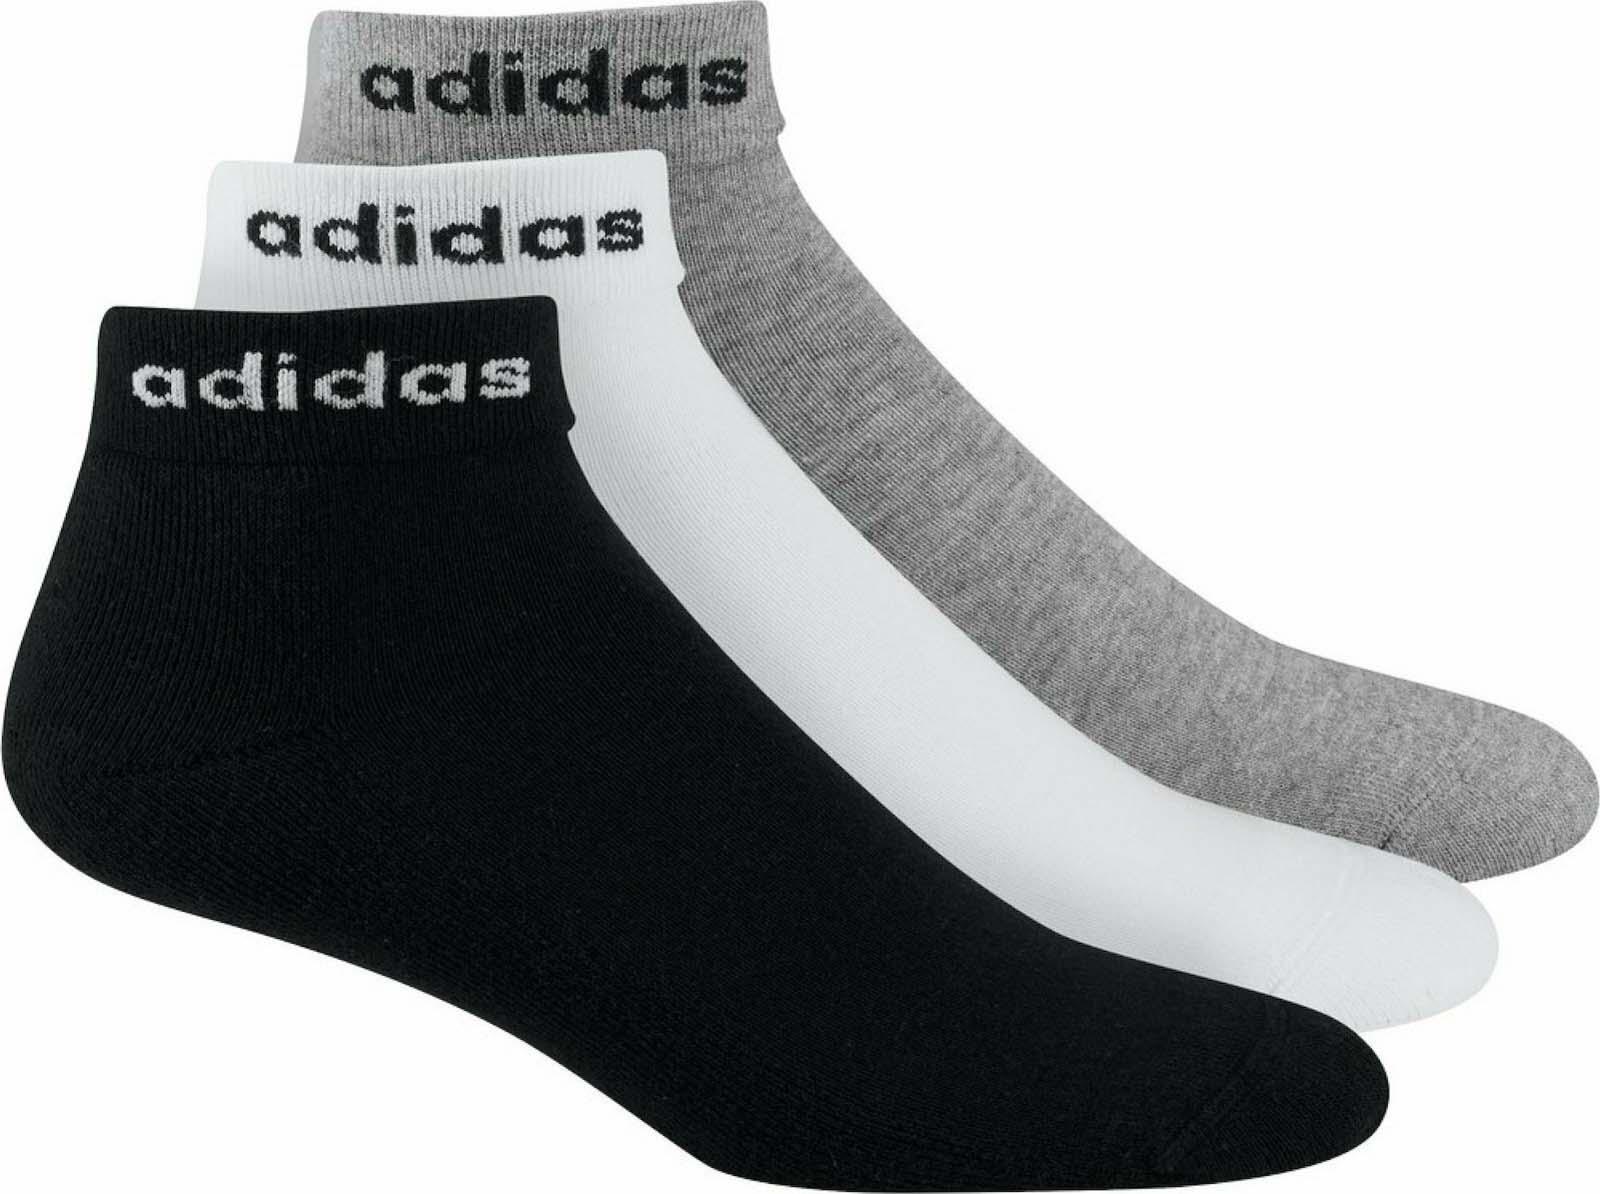 Набор носков унисекс Adidas HC ANKLE 3PP    MH черный M